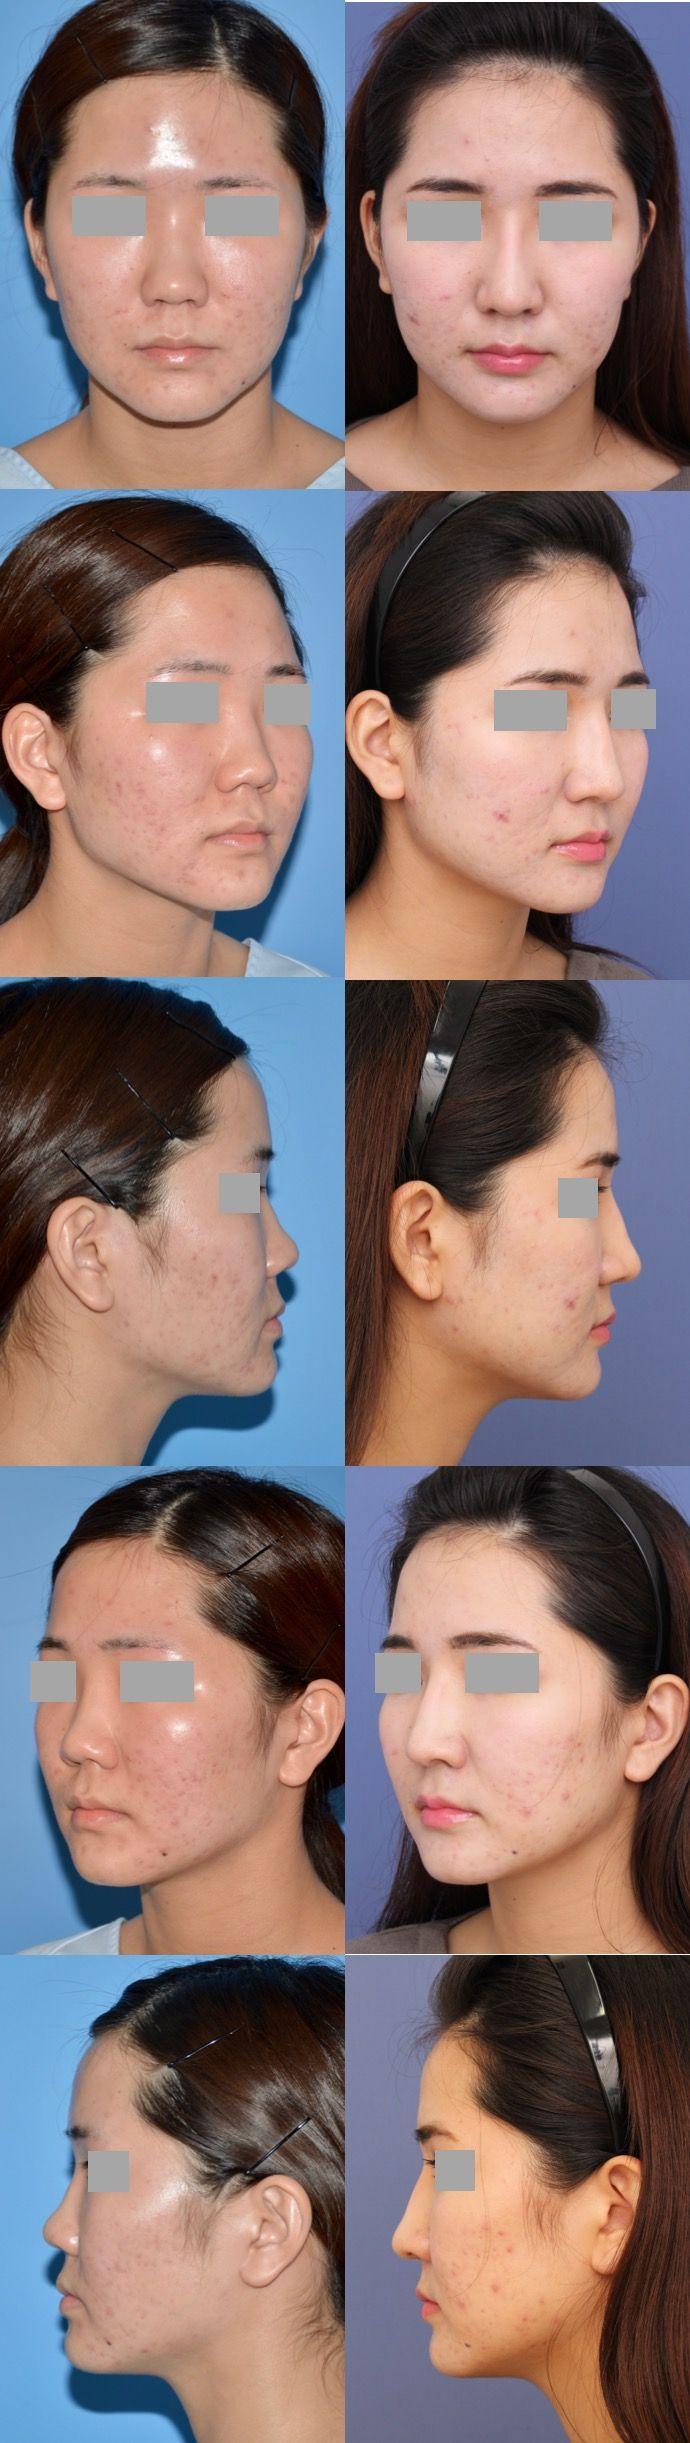 鼻中隔延長術 隆鼻術 術後8ヶ月